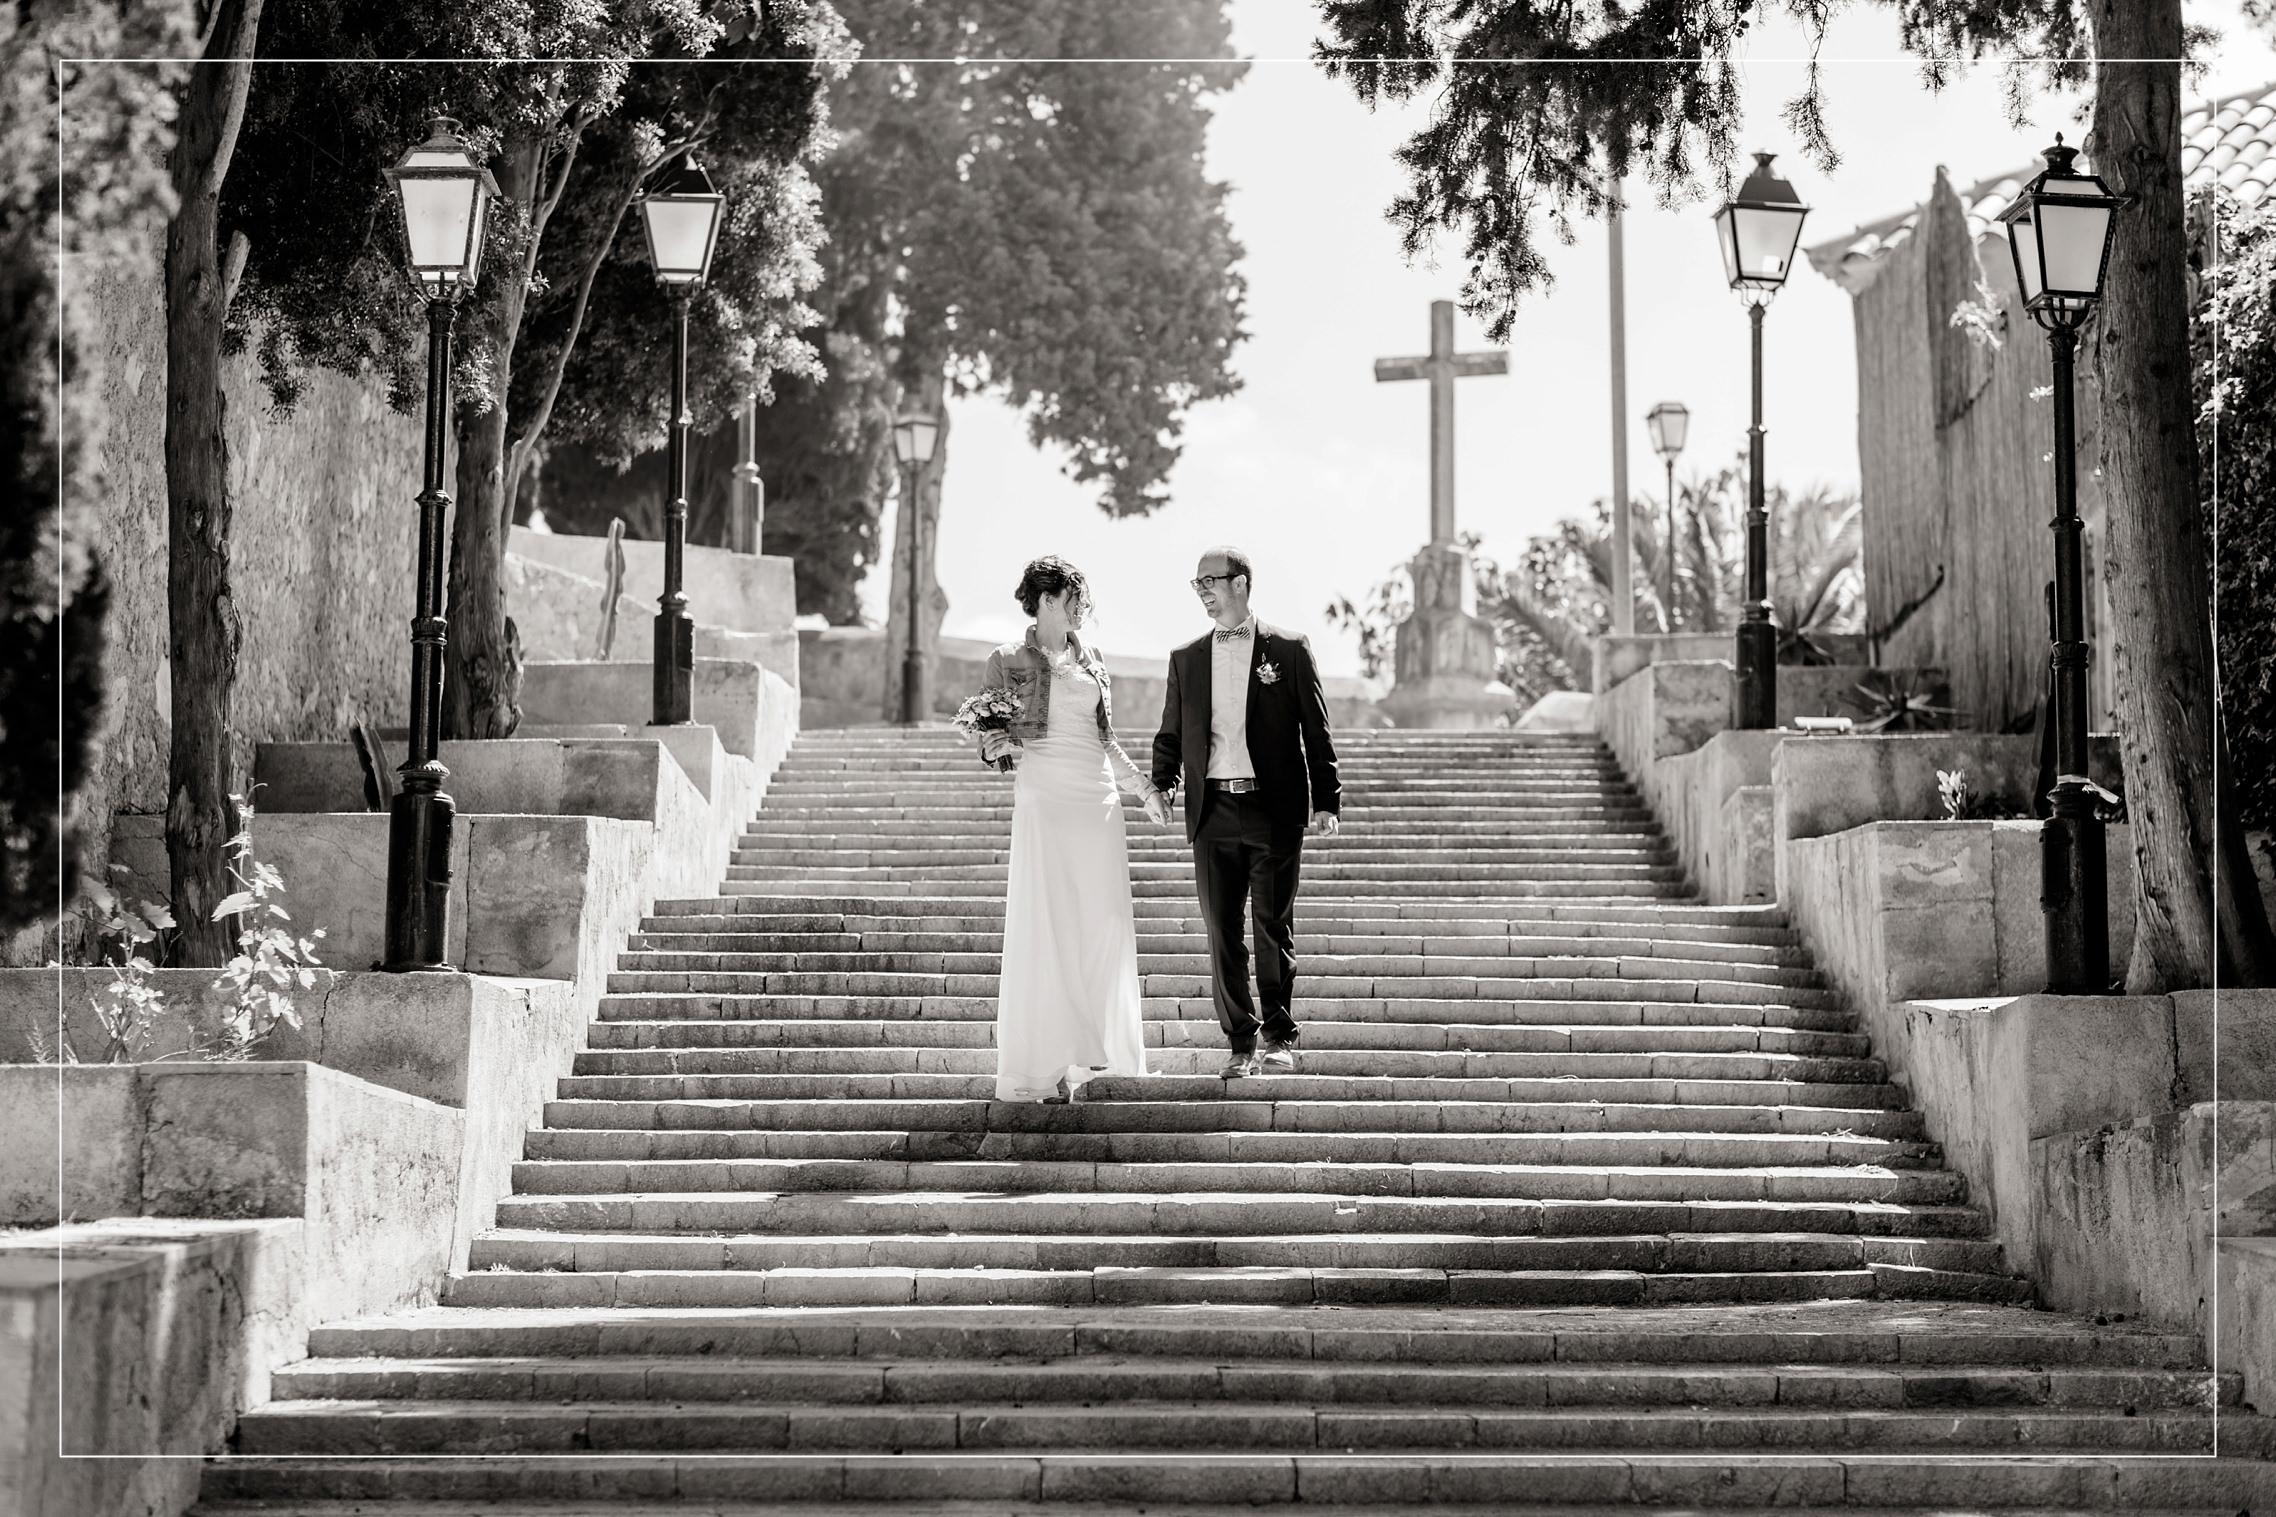 Finca Hochzeitsreportage aus Mallorca in der Nähe von Arta: Das Hochzeitspaar schreitet eine lange Treppe hinab.